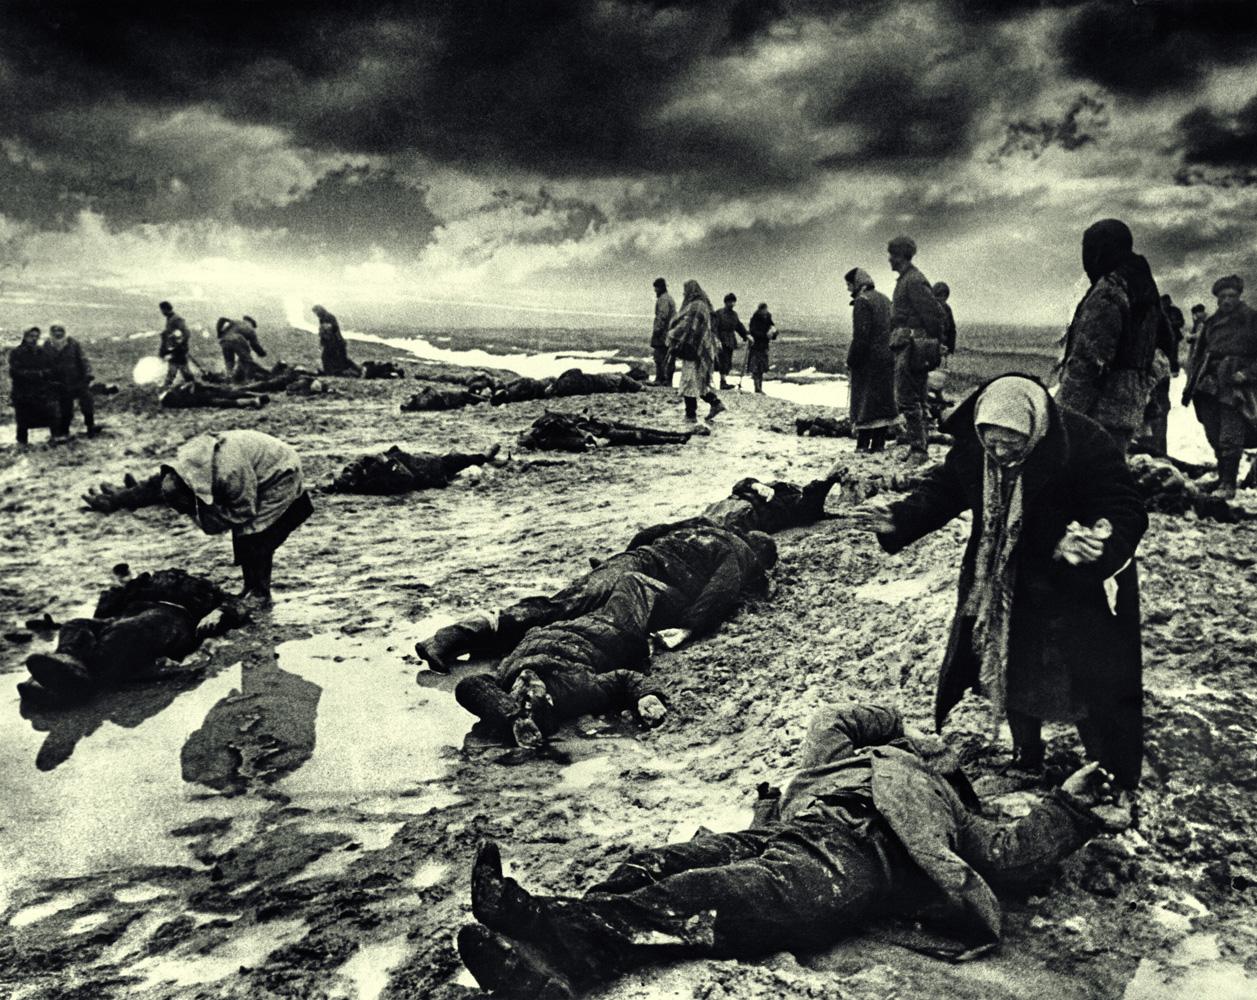 Дмитрий Бальтерманц. Горе. Из серии «Так это было…». Керчь. Январь 1942. Цифровой отпечаток. Собрание МАММ